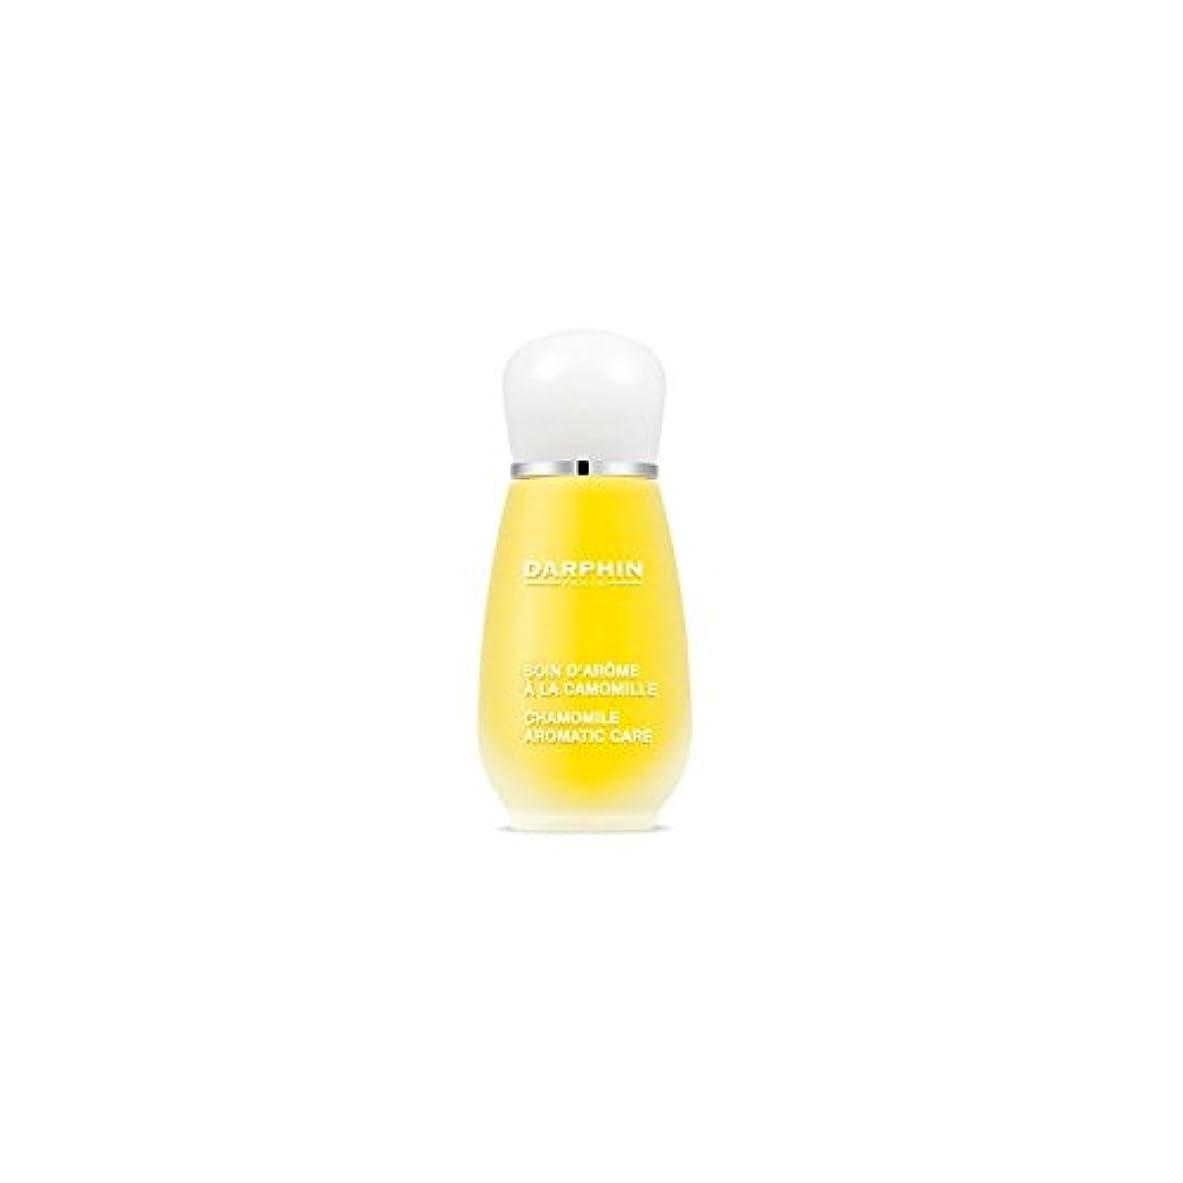 リハーサルブースト理容室Darphin Chamomile Aromatic Care (15ml) (Pack of 6) - ダルファンカモミール芳香ケア(15ミリリットル) x6 [並行輸入品]